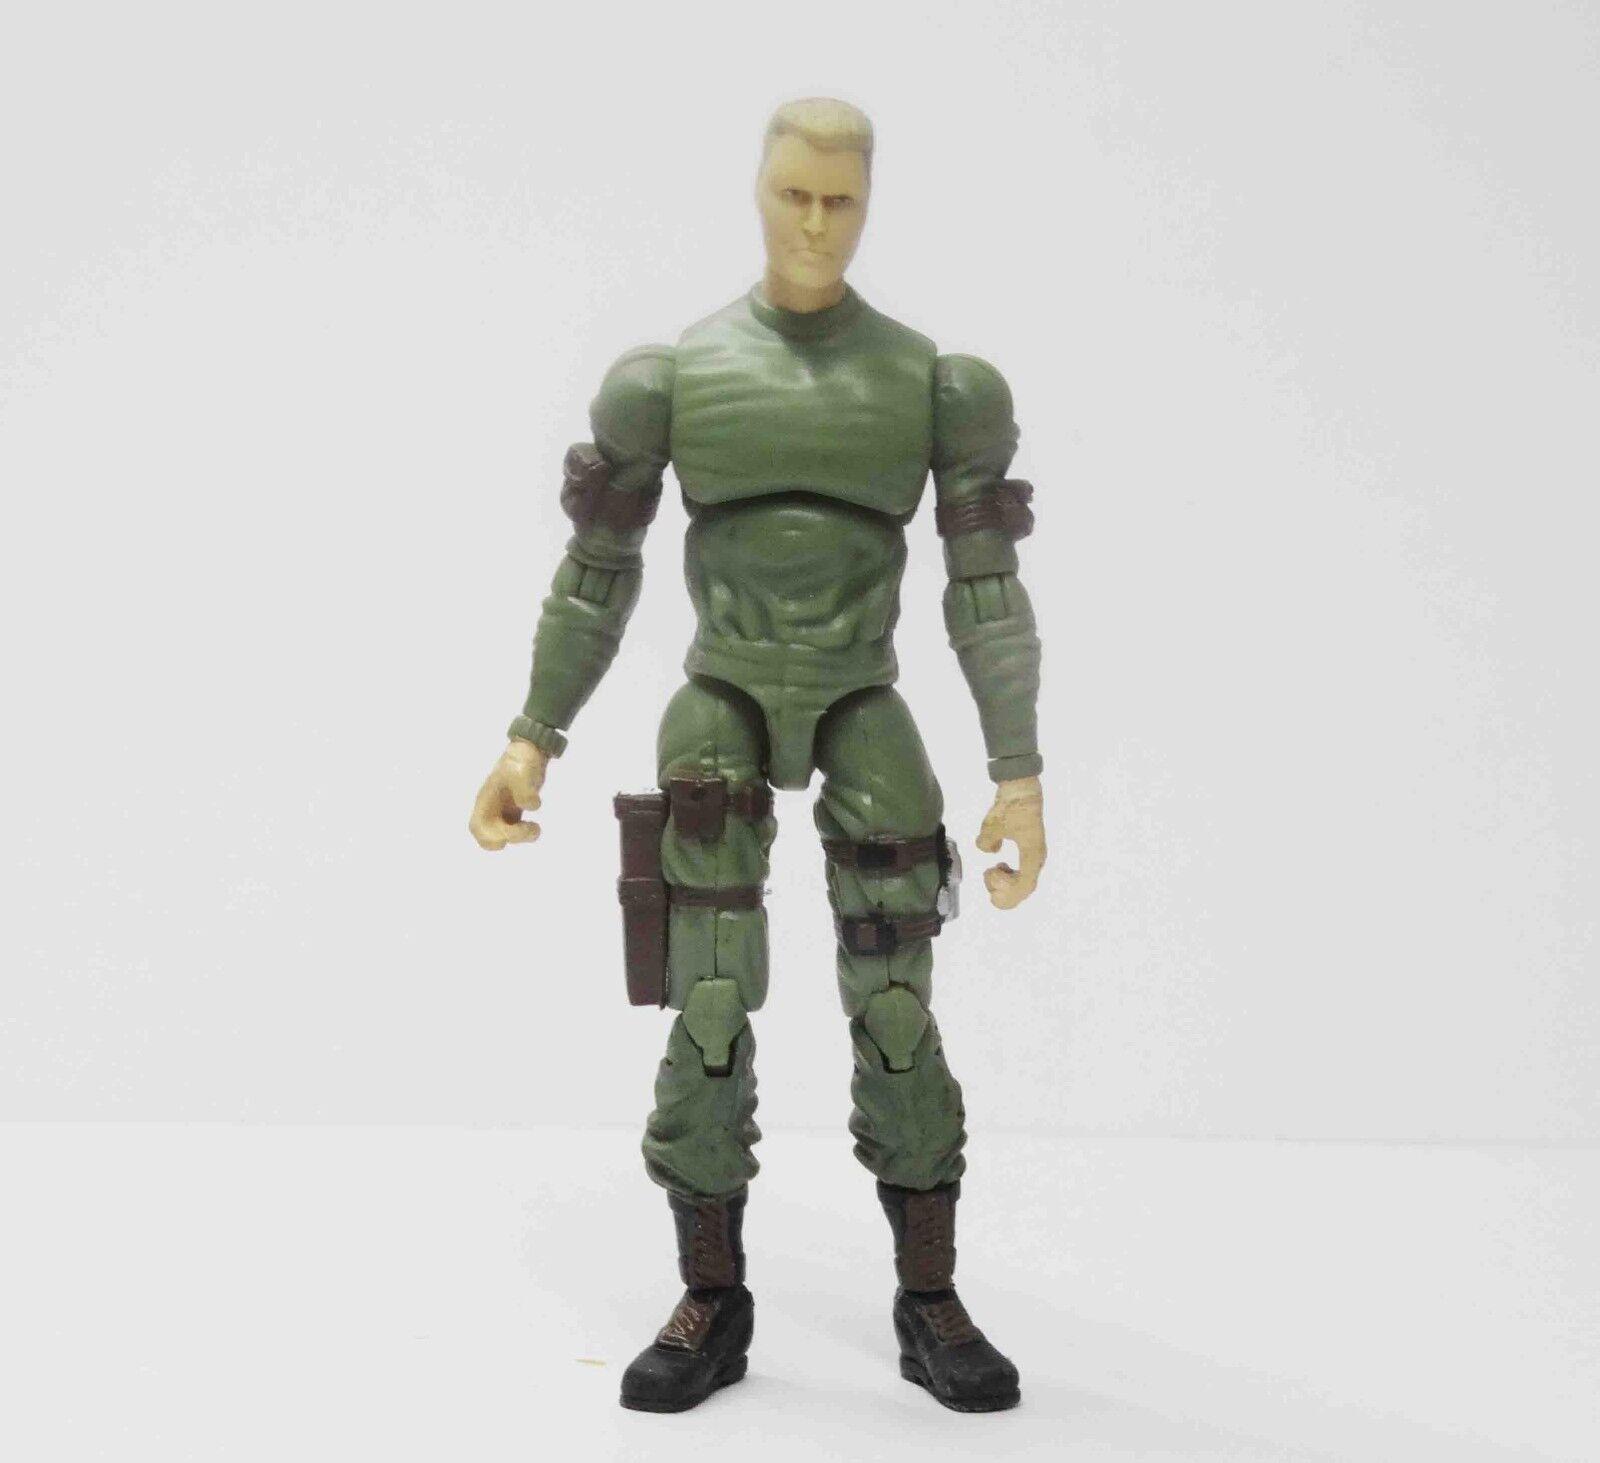 GI JOE duke action figure  3.75